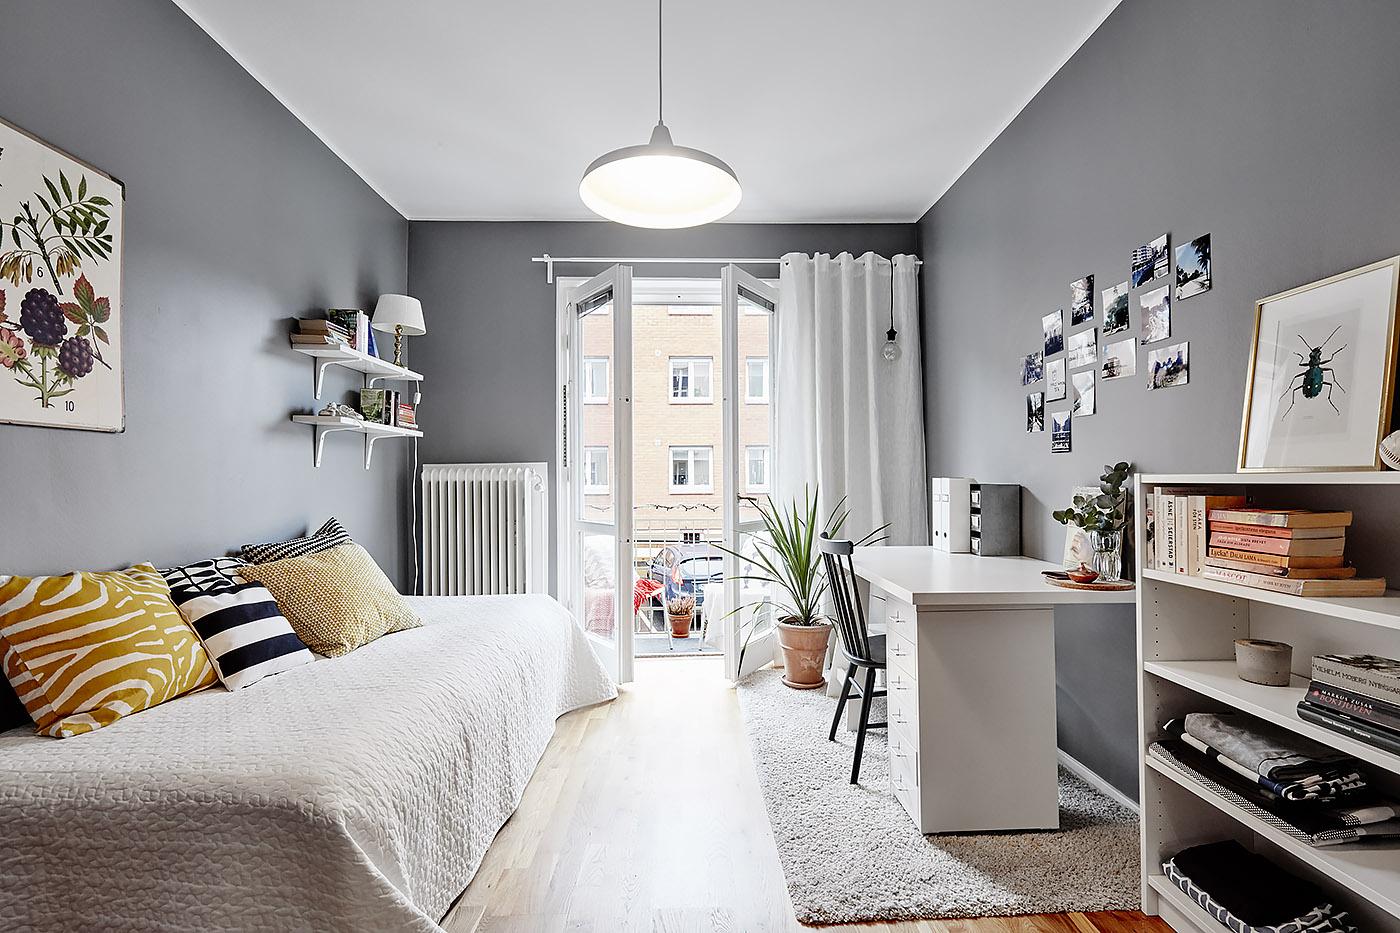 Habitaciones juveniles de estilo n rdico blog tienda for Corredor deco blanco y gris